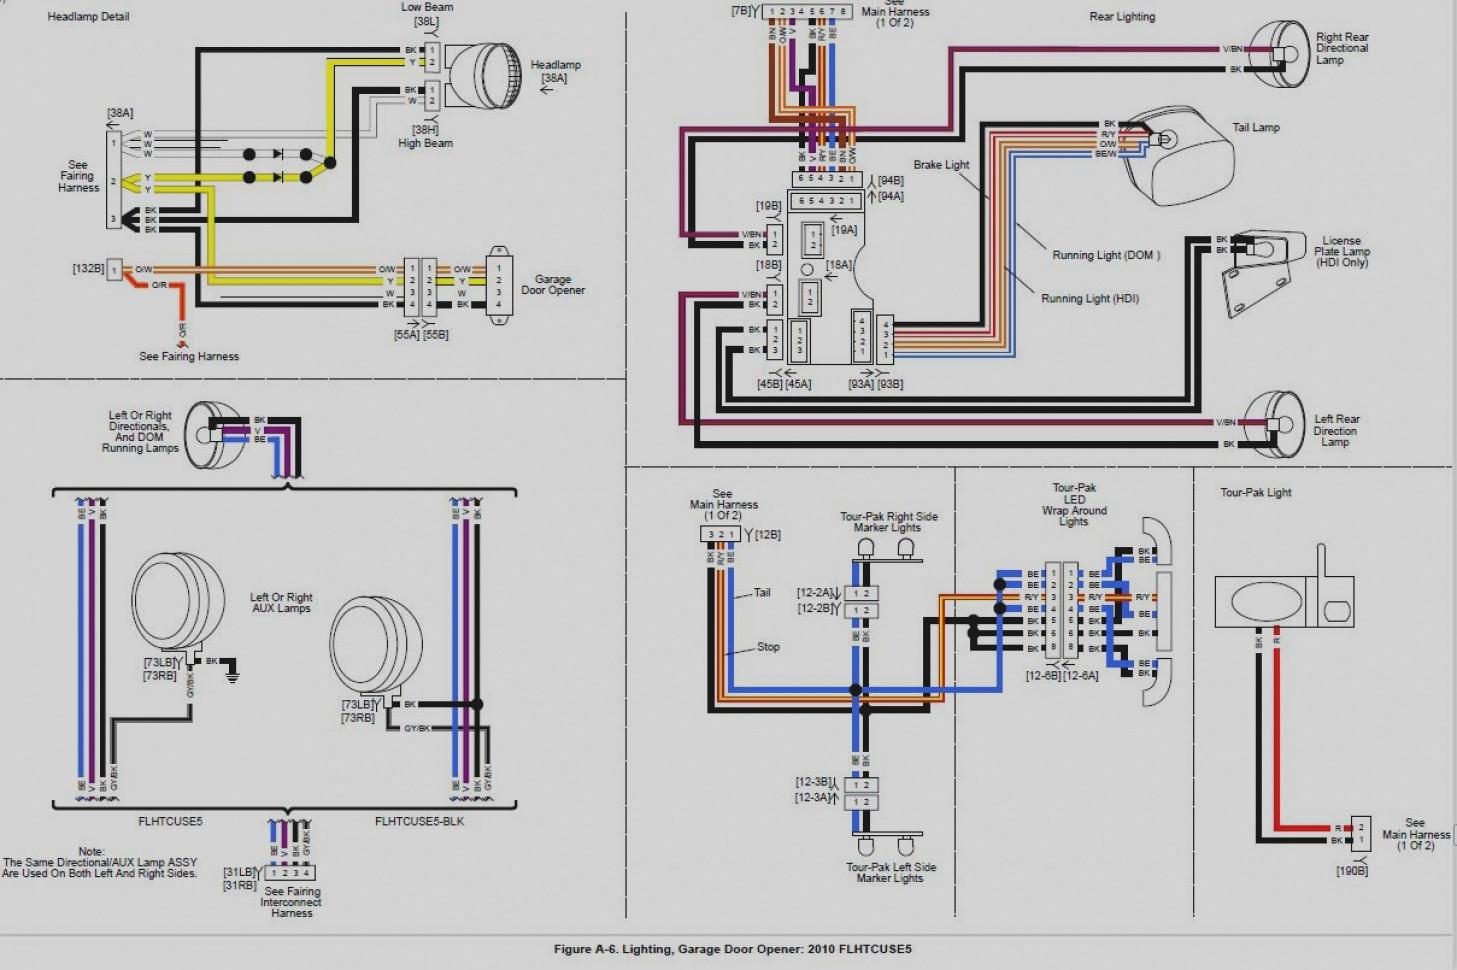 wiring diagram electric garage door wiring diagram for garage door opener